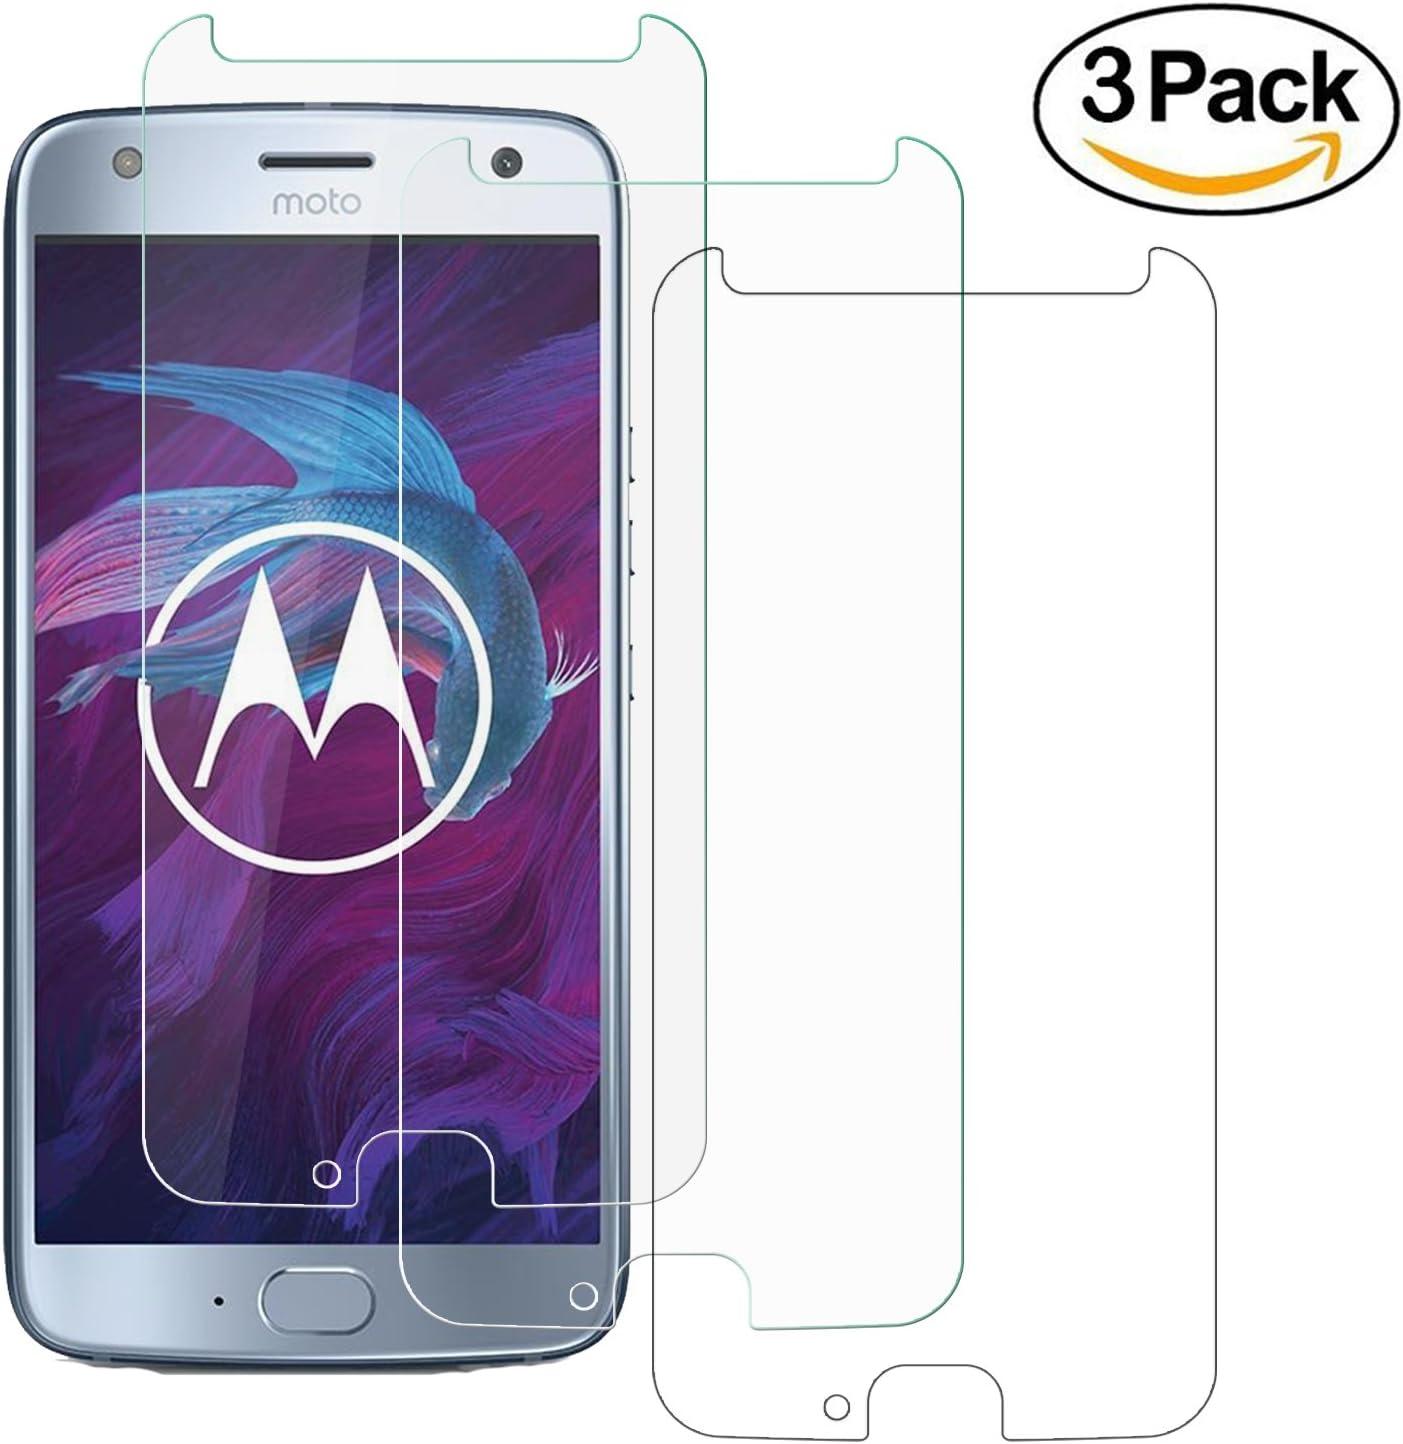 ZEEREE [3 Unidades] Moto X4, Dureza de Grado 9H Cristal Vidrio Templado Premium Protectores de Pantalla para Motorola Moto X4 (5,2 Pulgada): Amazon.es: Electrónica